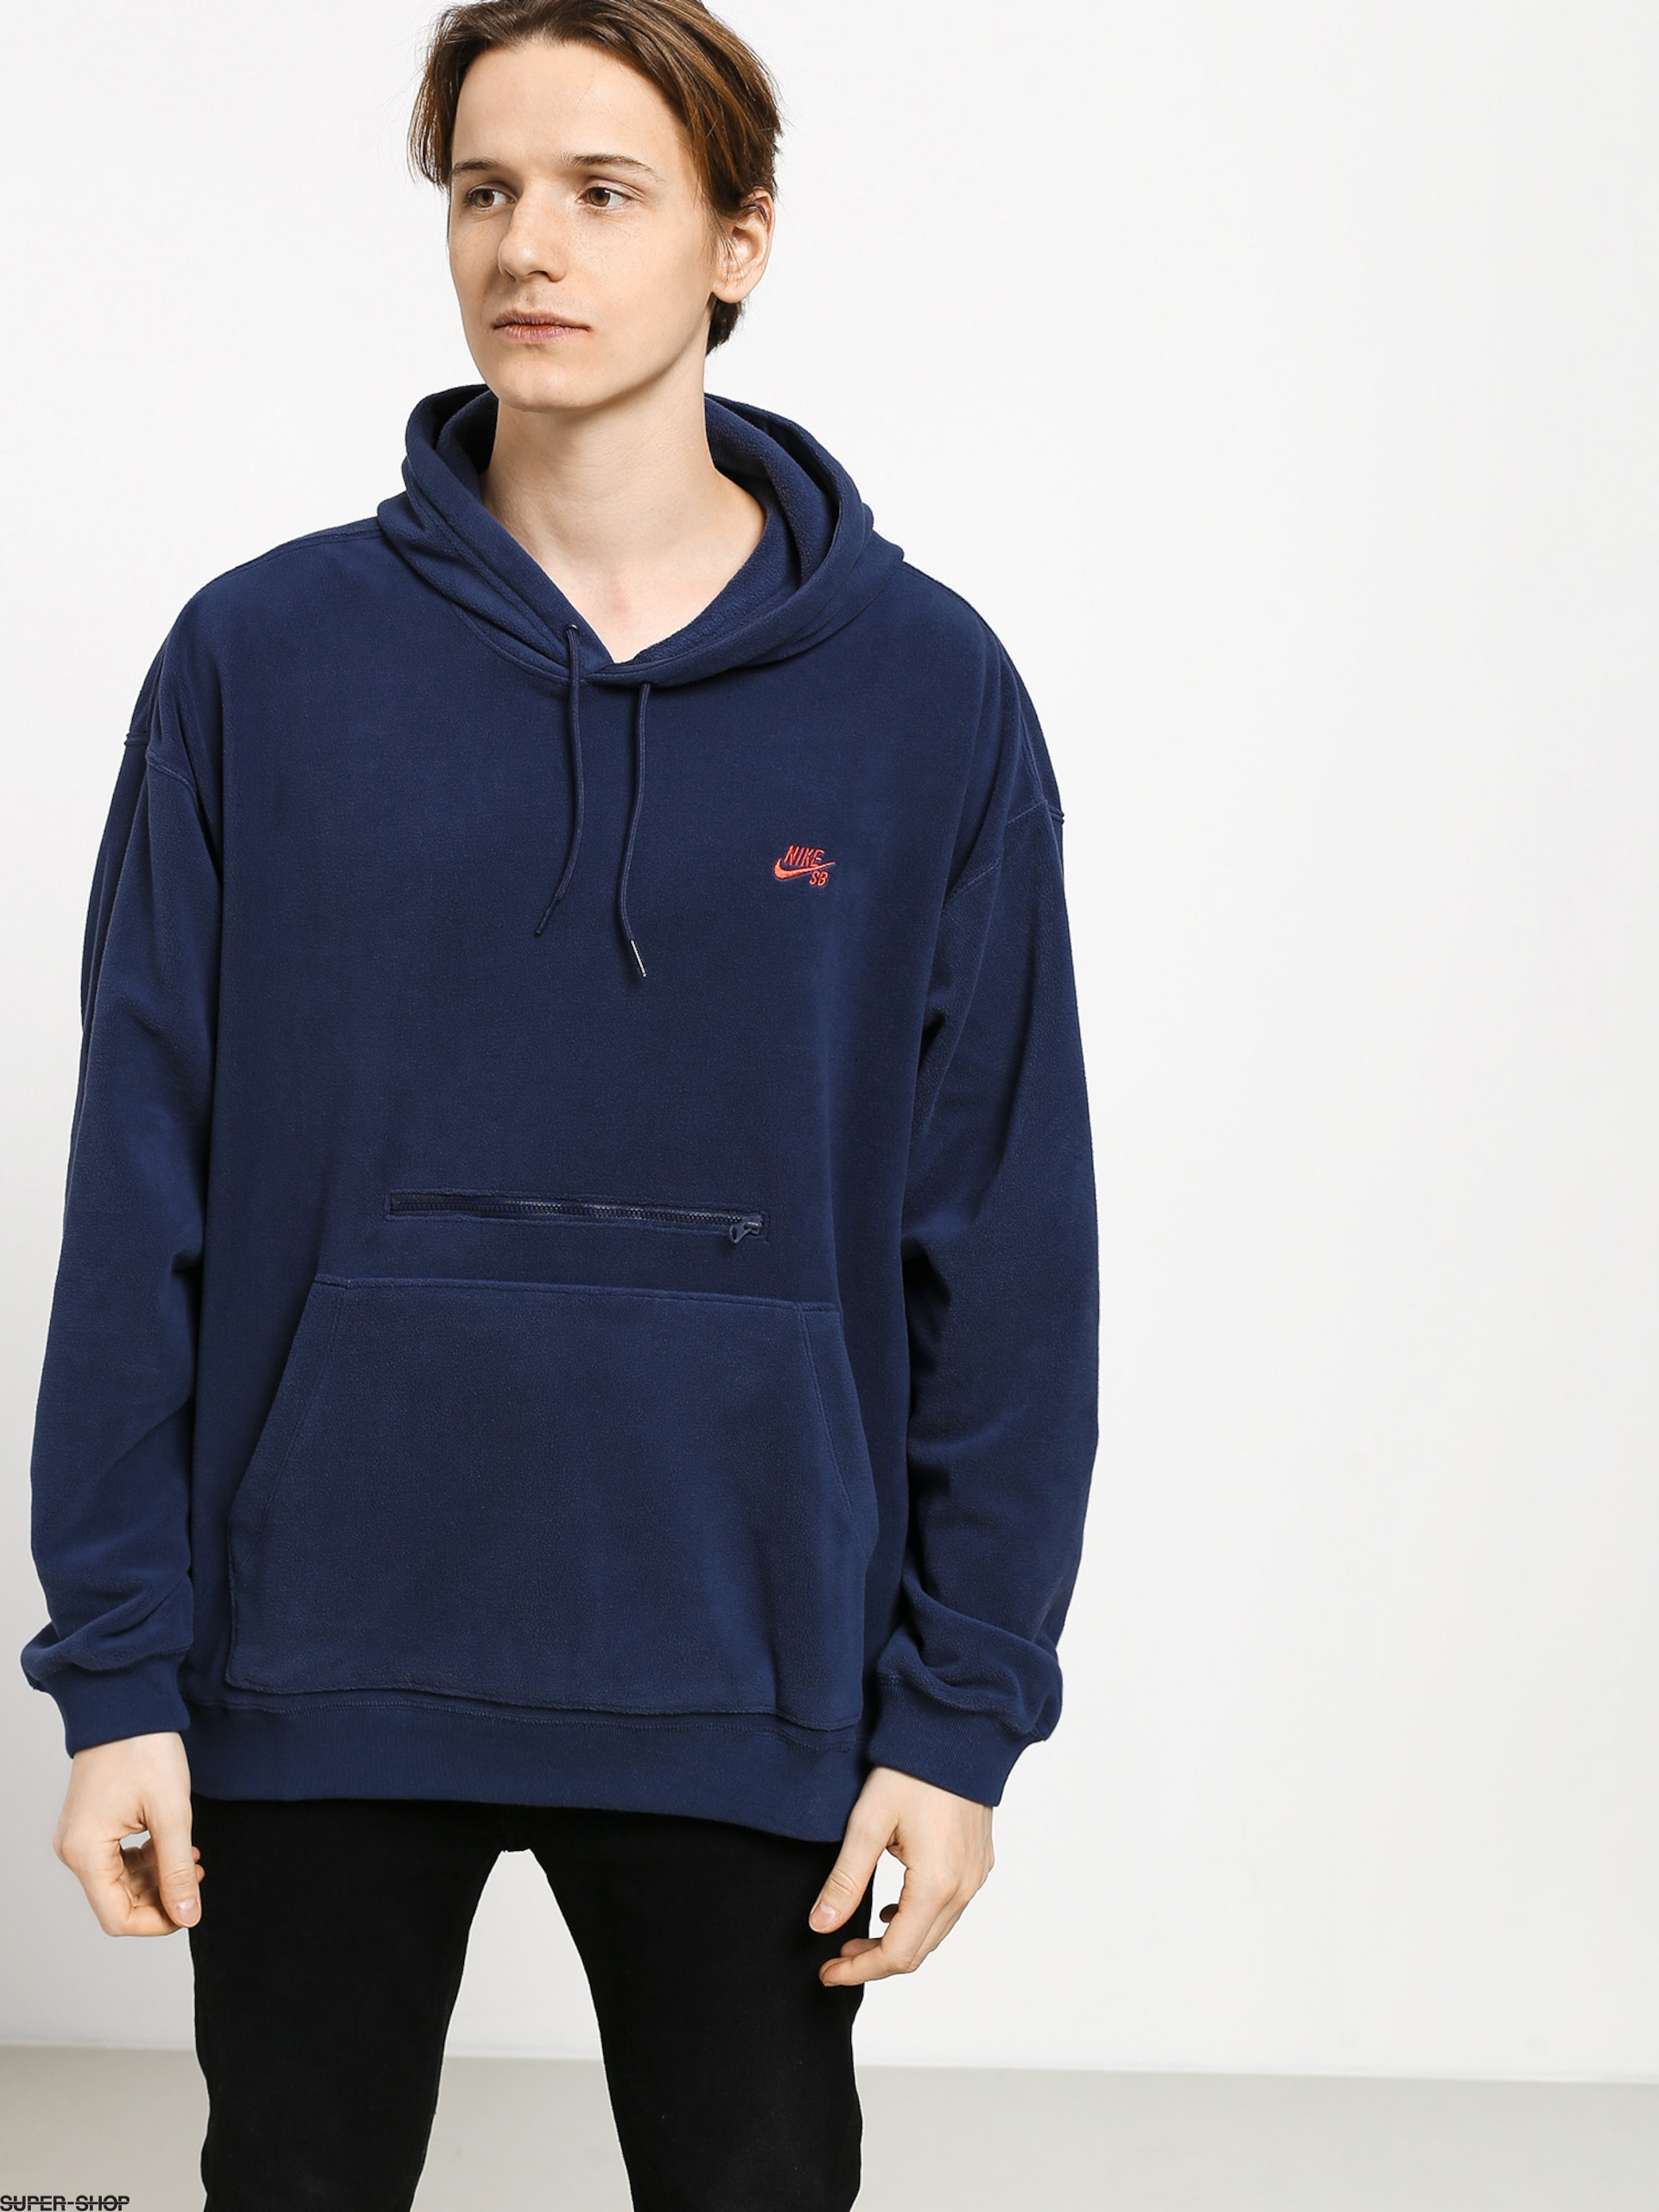 Nike SB Novelty Hoodie BlackWhite